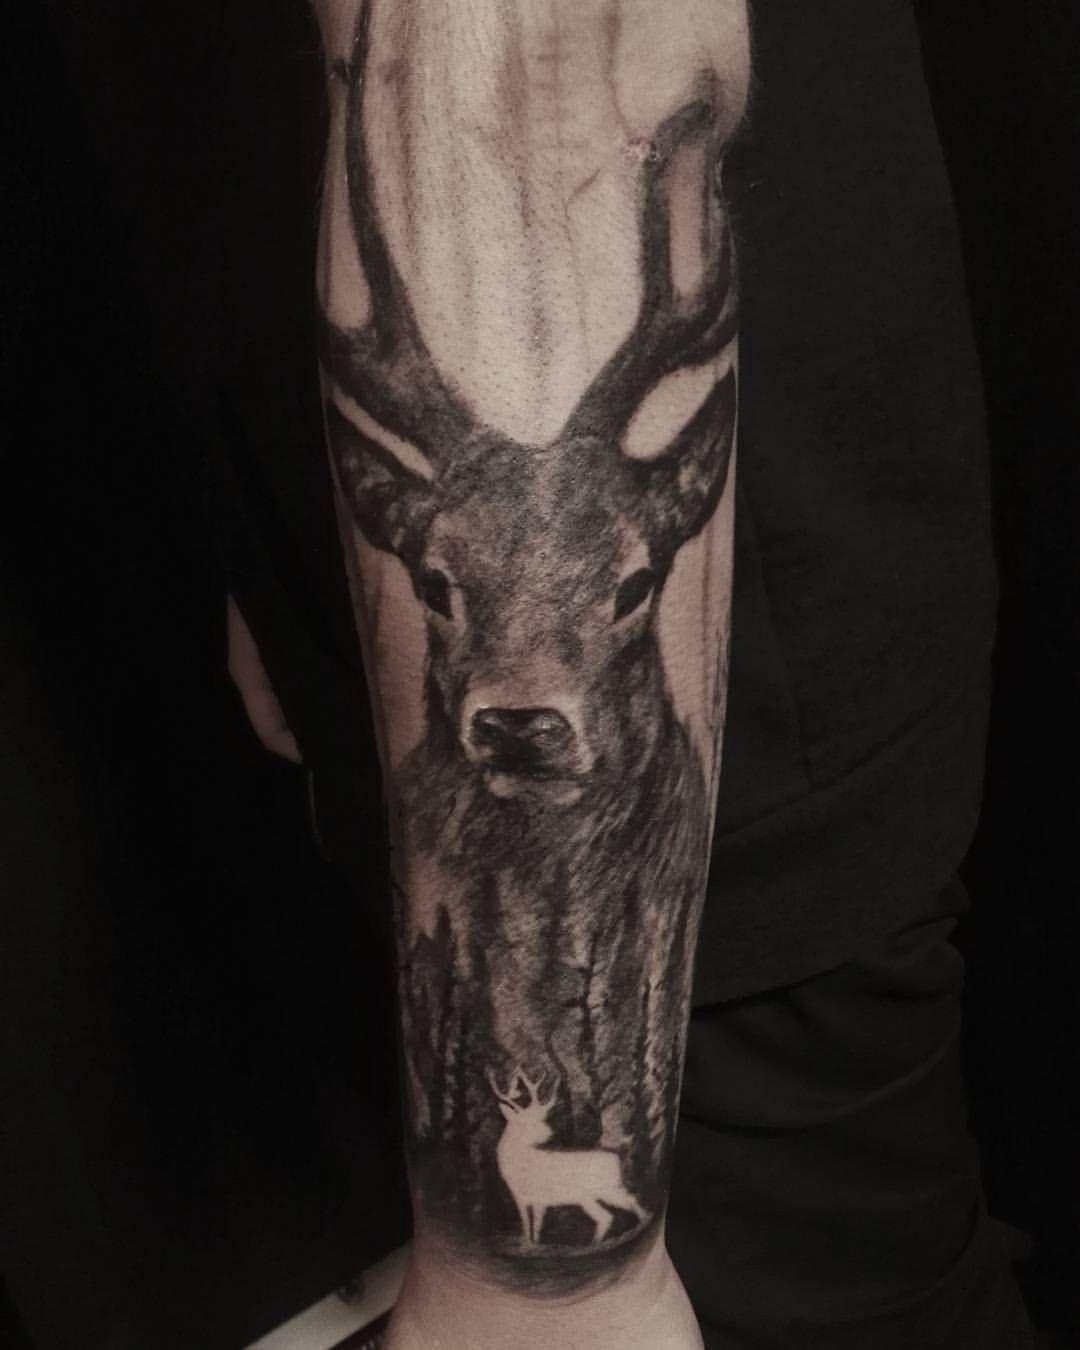 Tatuaje Antebrazo Bosque Realista Tattoos Tattoos Forest Tattoo